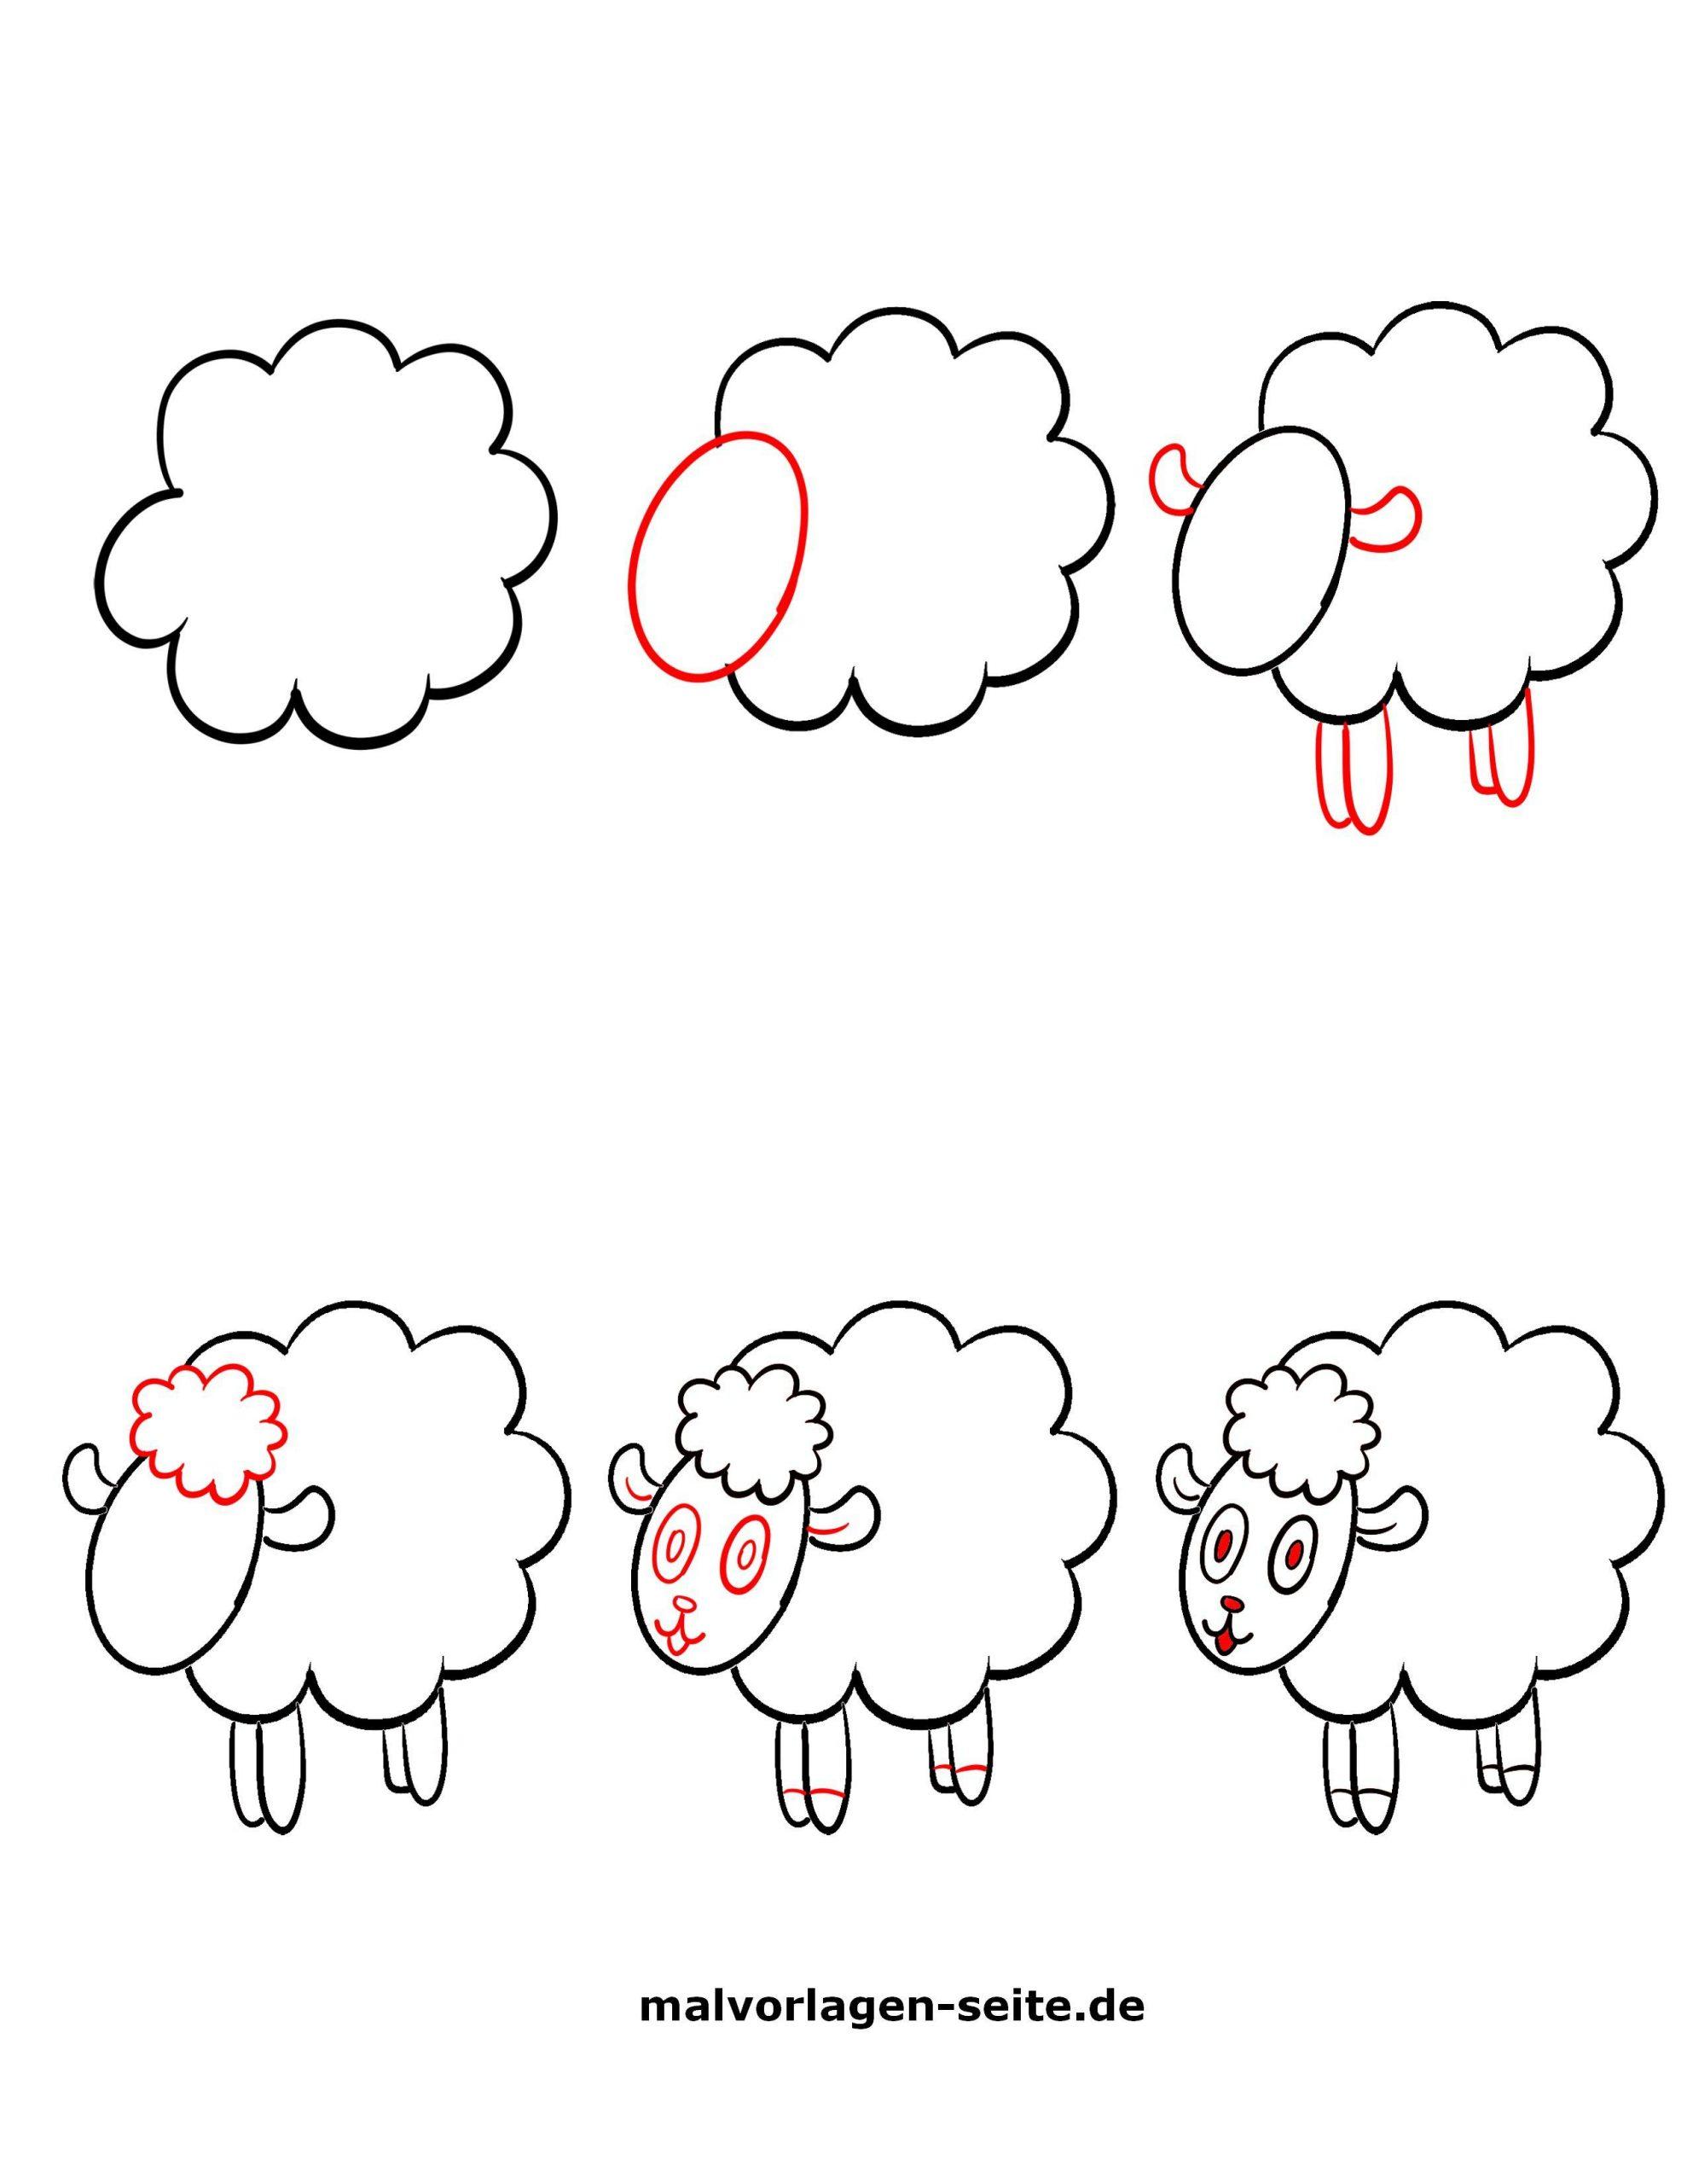 Wie Zeichnet Man Ein Schaf - Ausmalbilder Kostenlos über Schaf Malvorlage